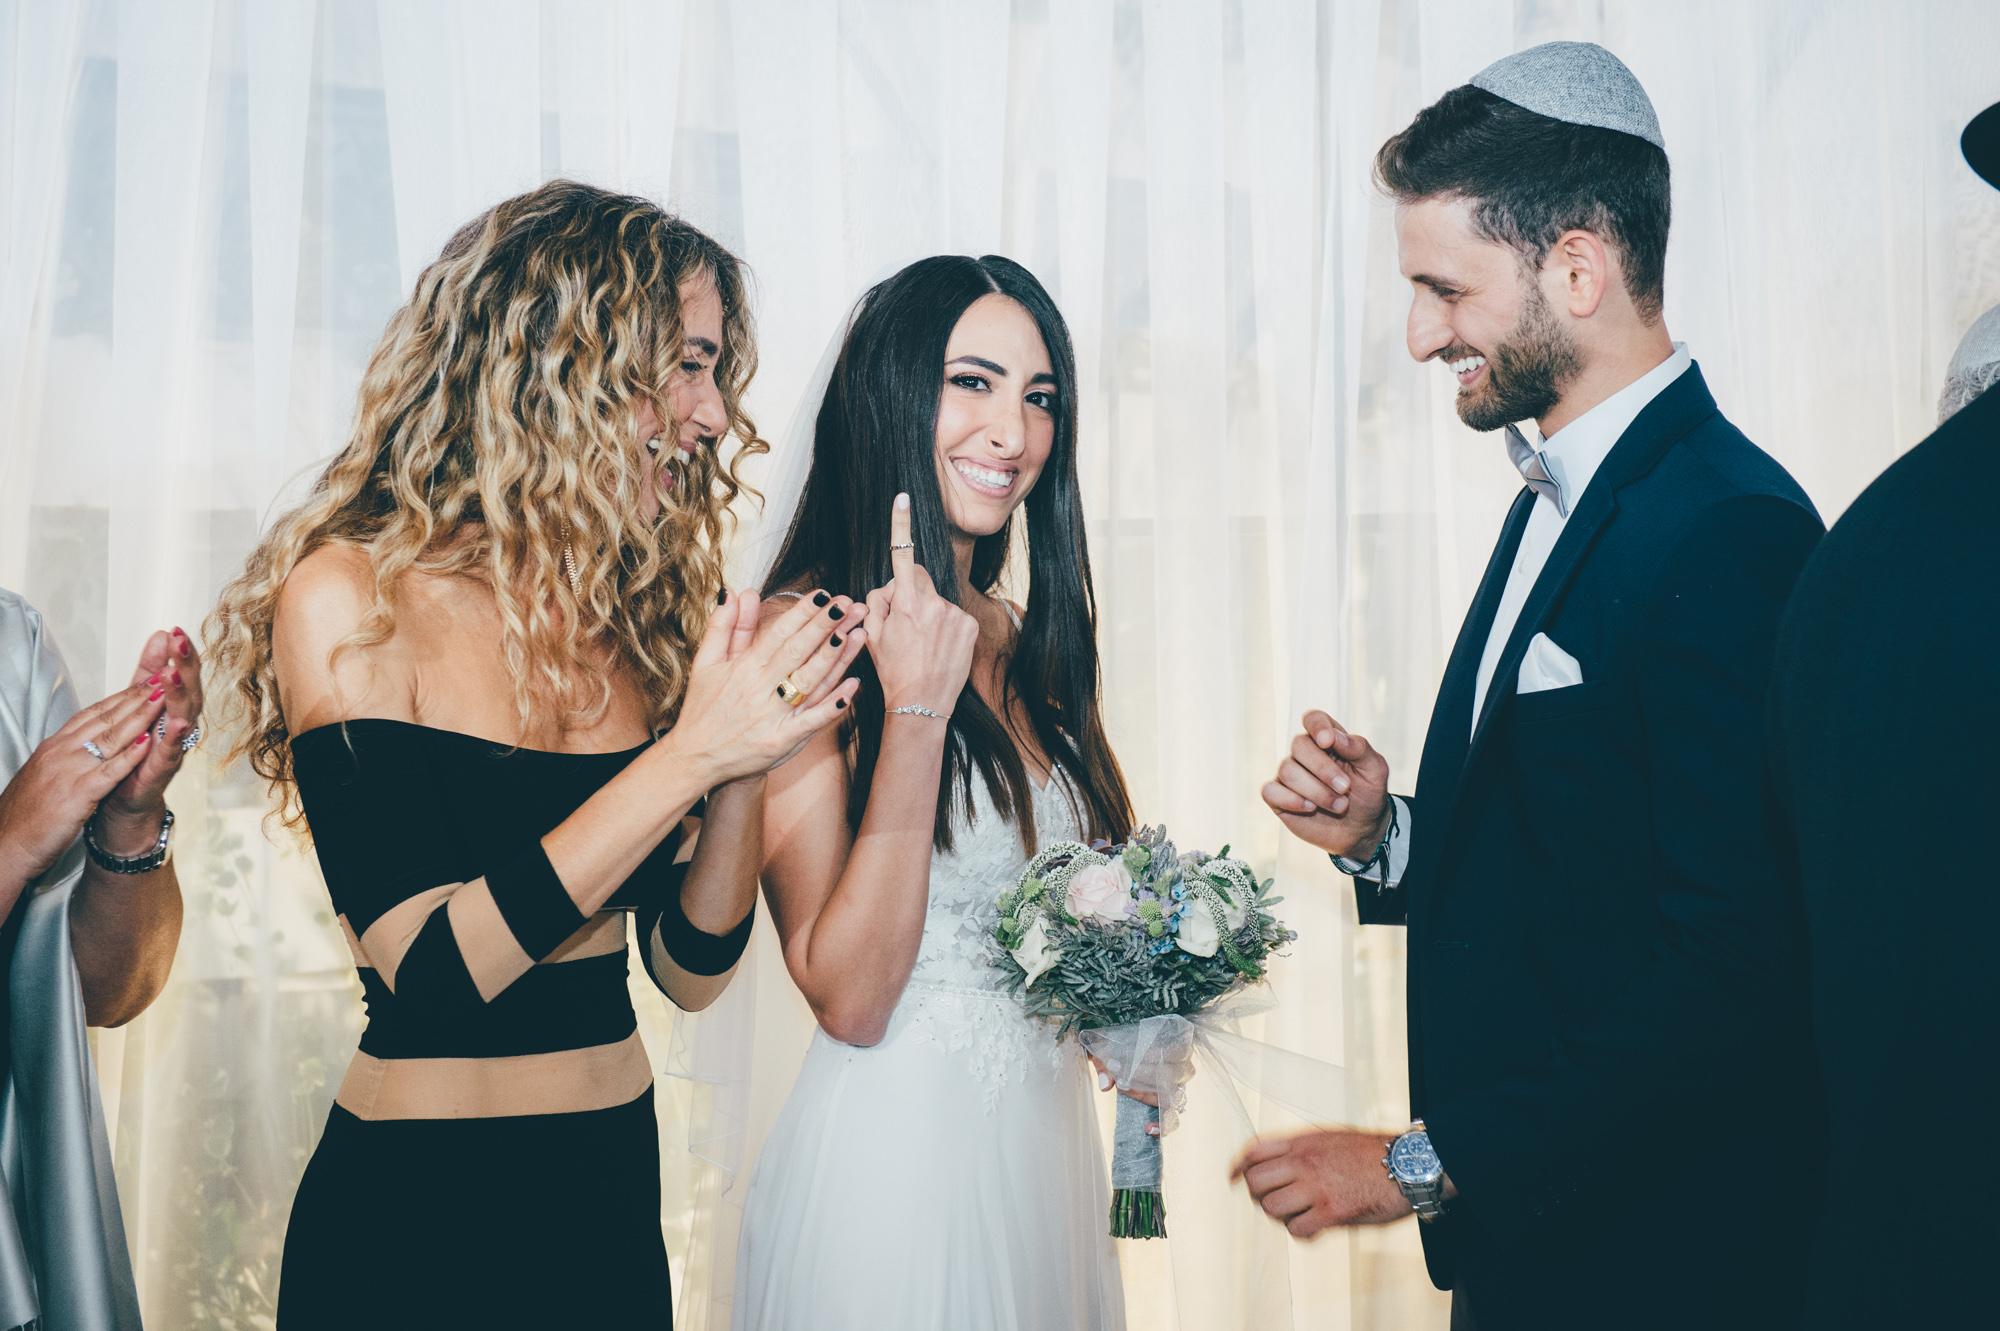 Wedding photos by - Asaf Kliger-78.jpg